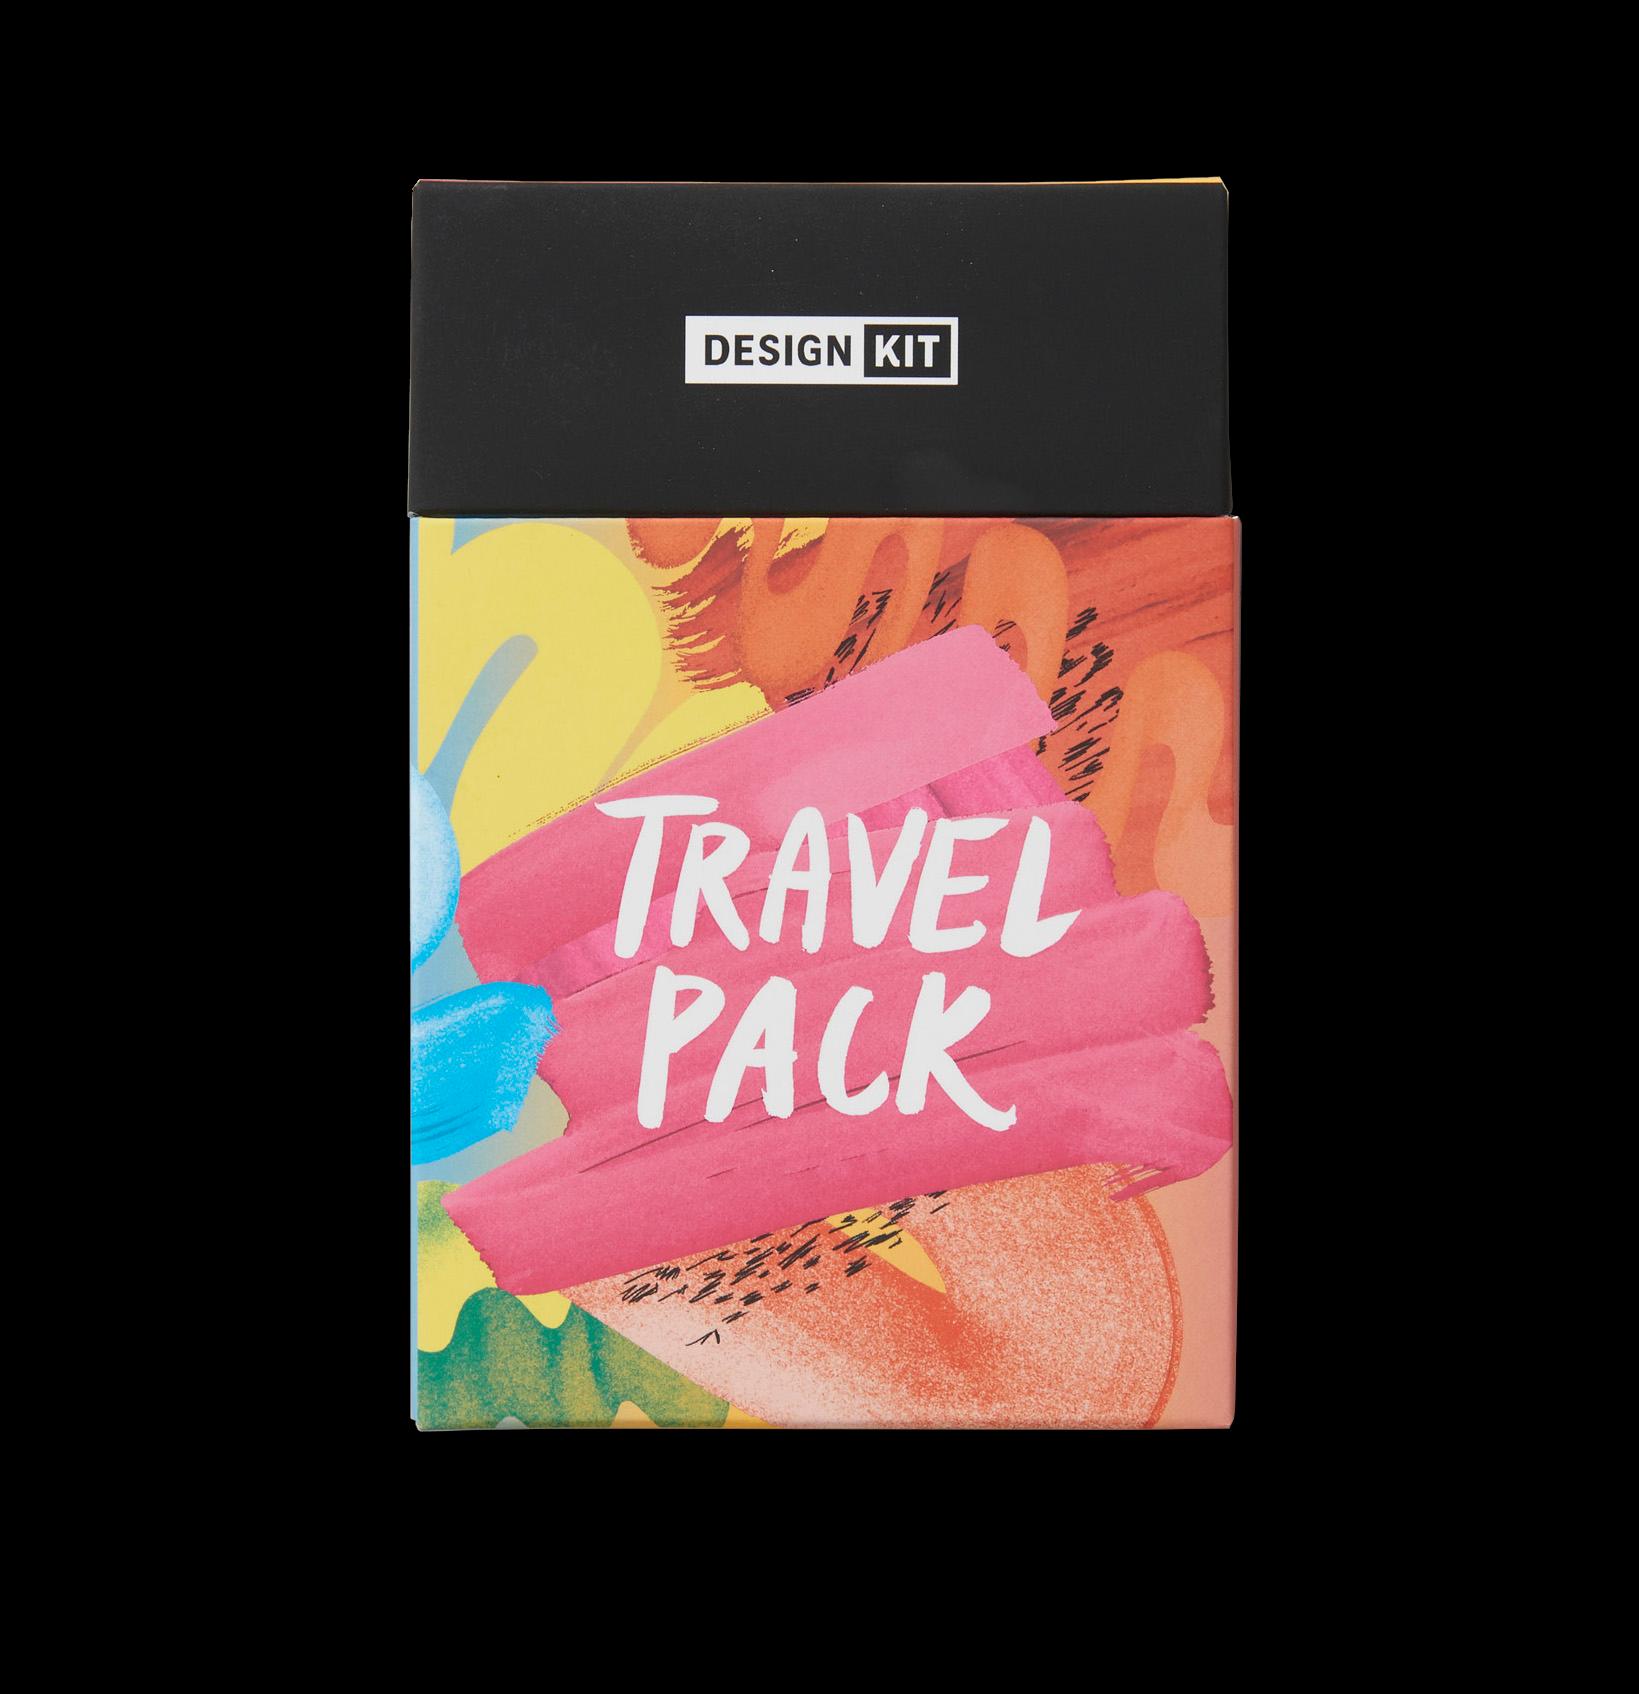 Designkit travelpack transparentbg